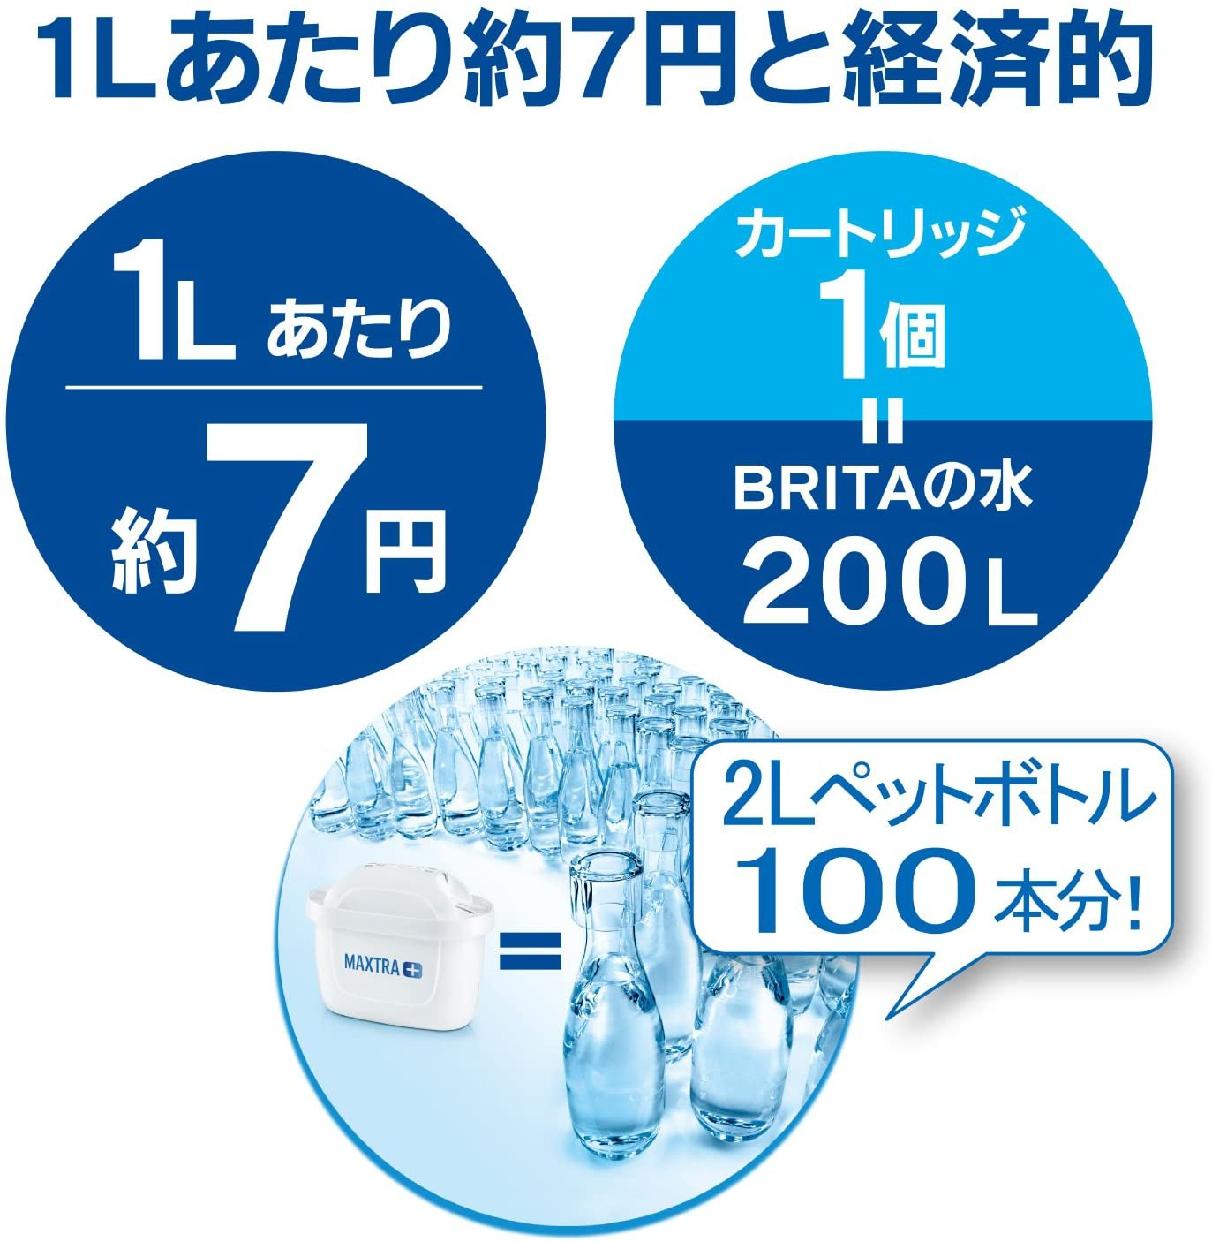 BRITA(ブリタ)Fanの商品画像6